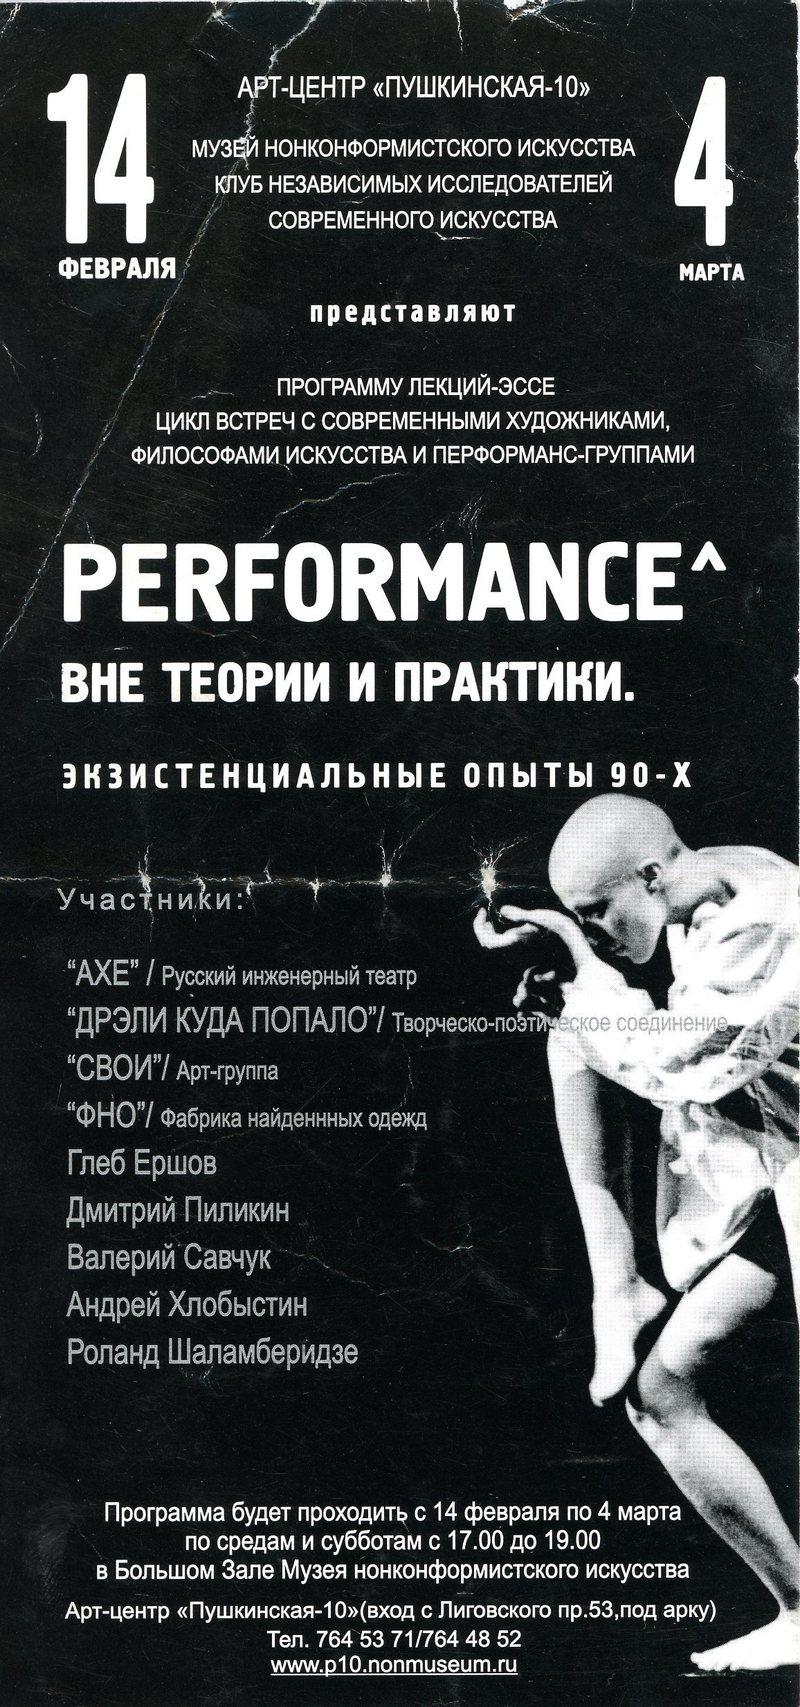 Performance: вне теории и практики. Экзистенциальные опыты 90-х